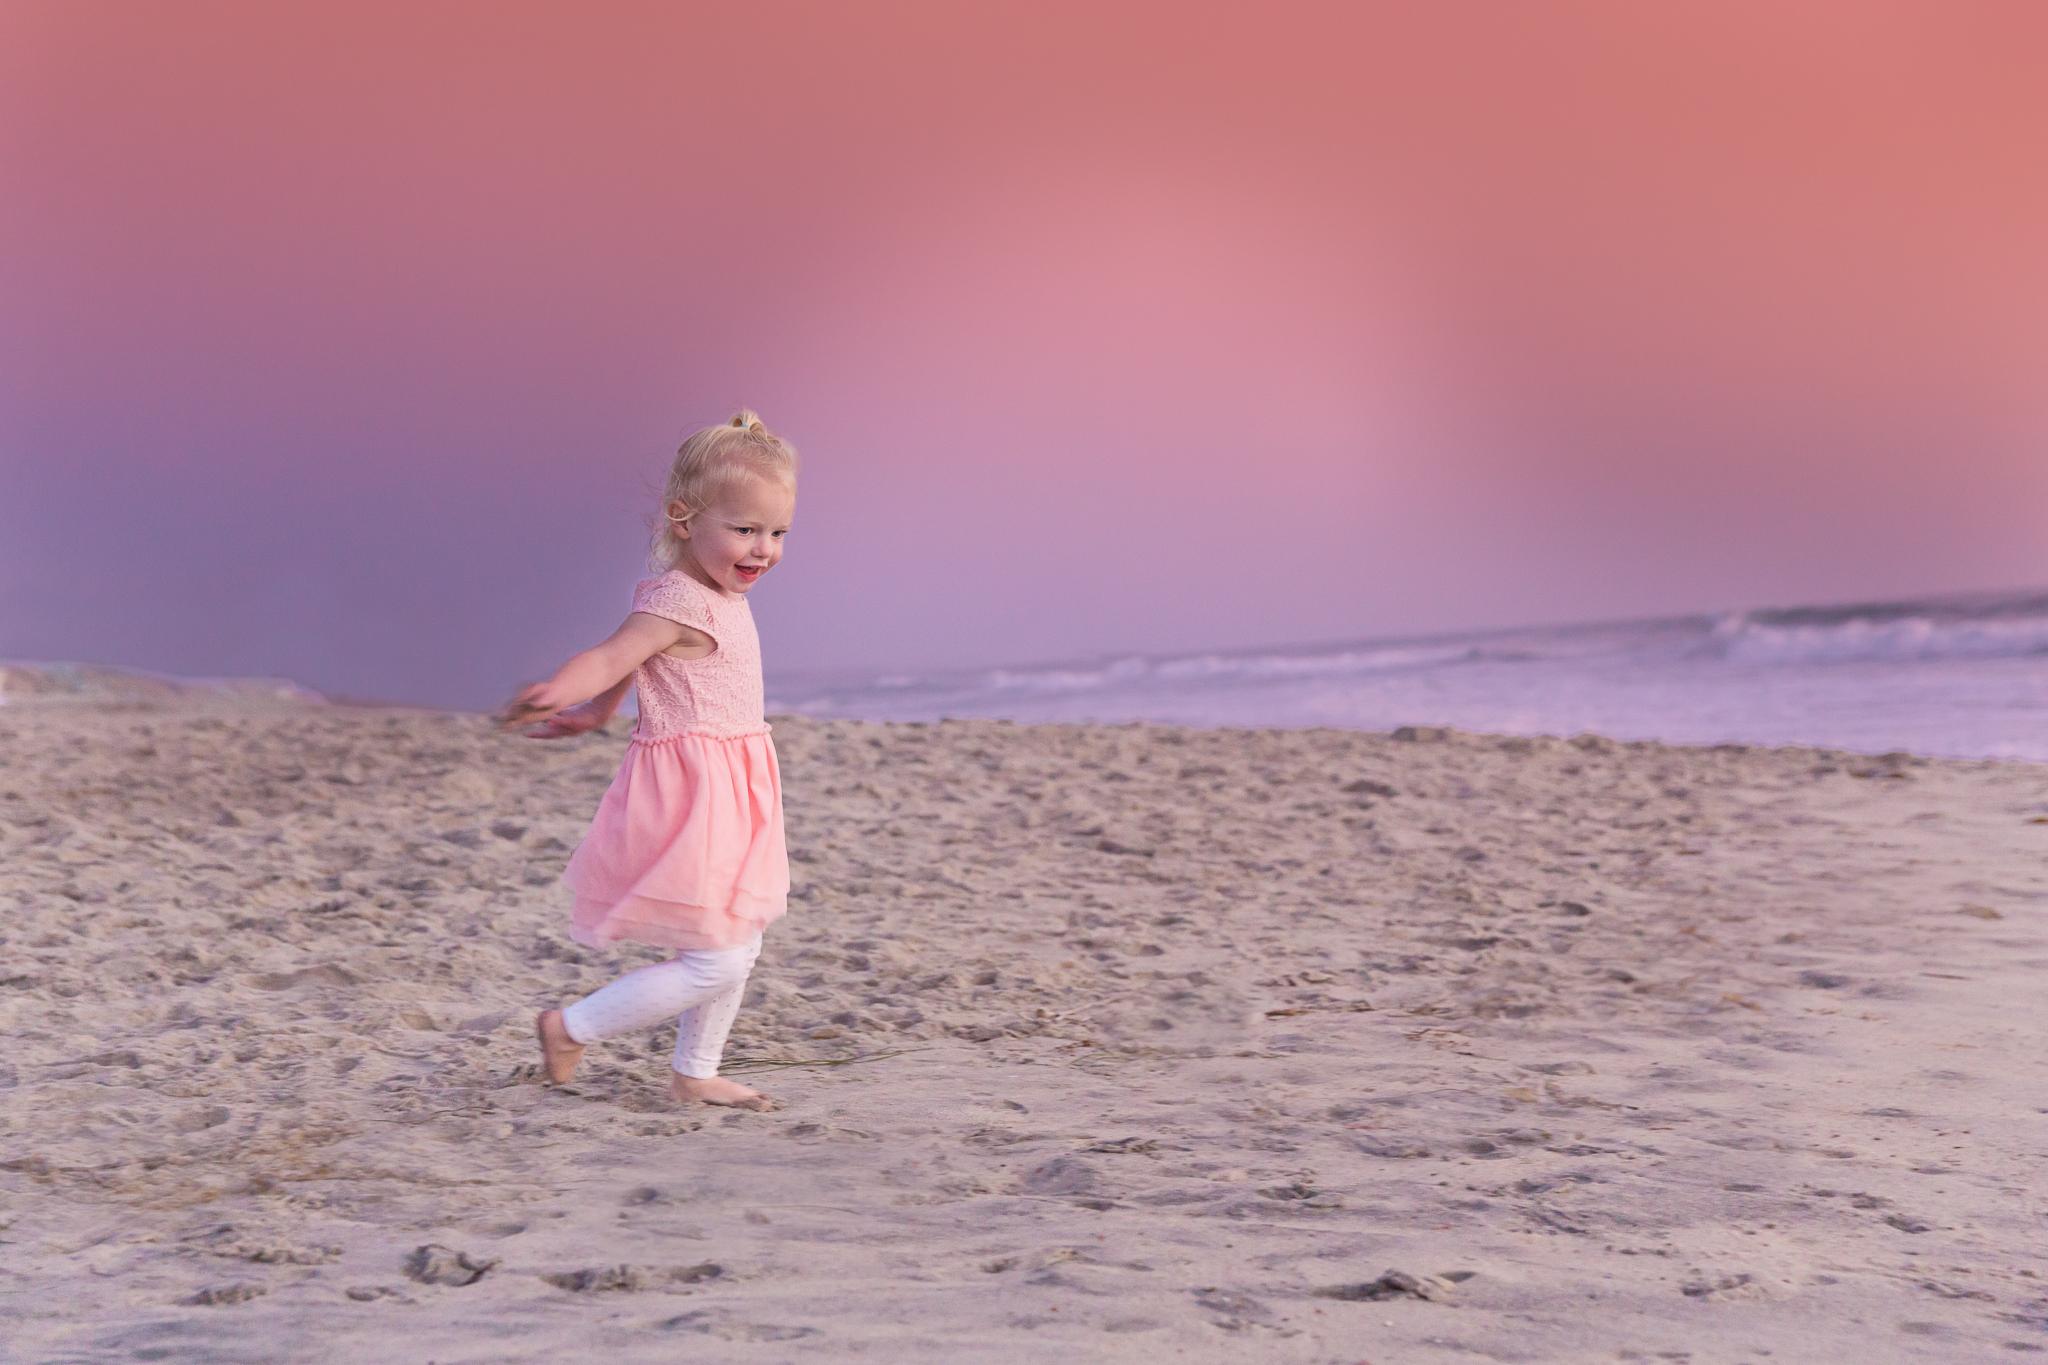 Beach Daltons-181-Edit-2-3WEB.jpg